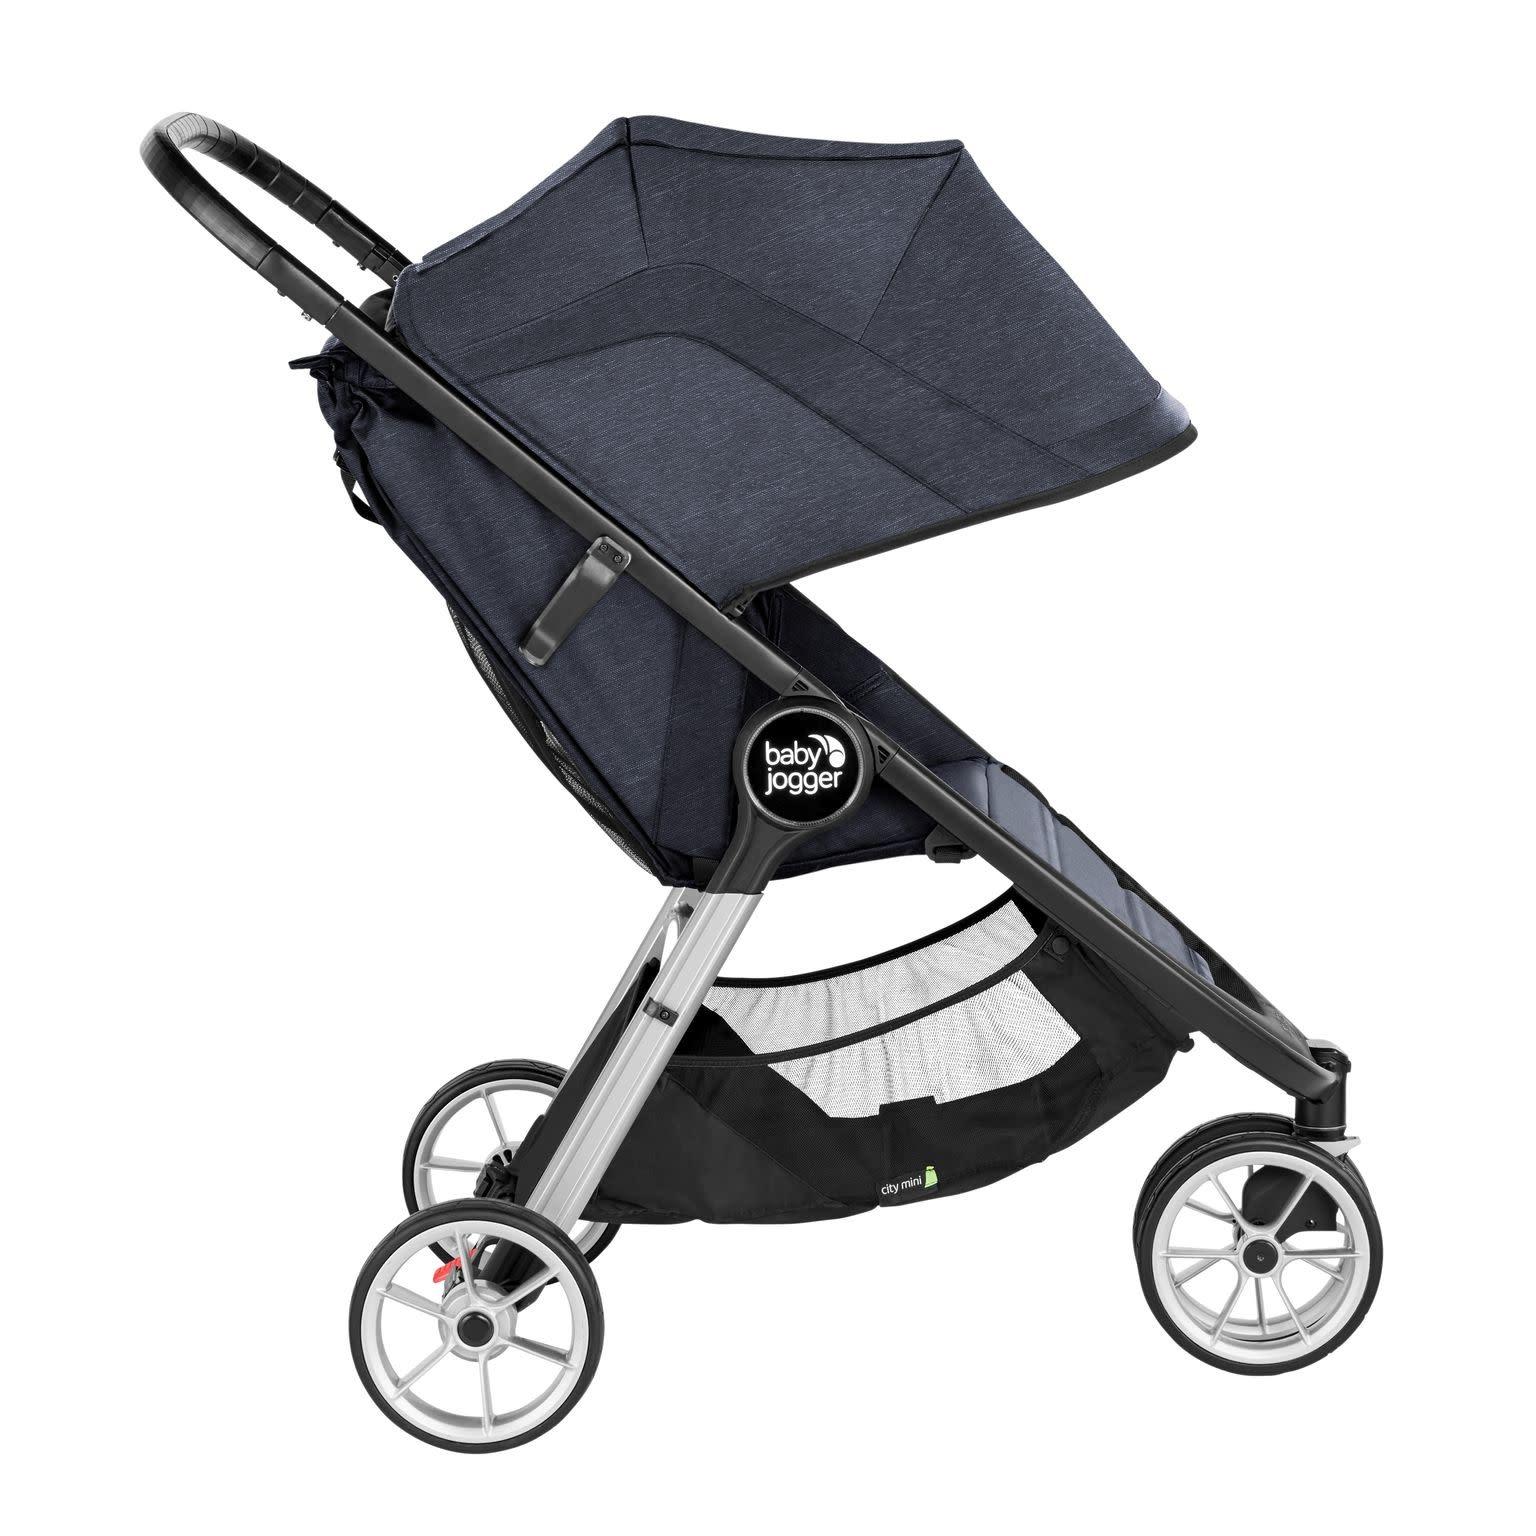 BabyJogger Baby Jogger City Mini Single 2